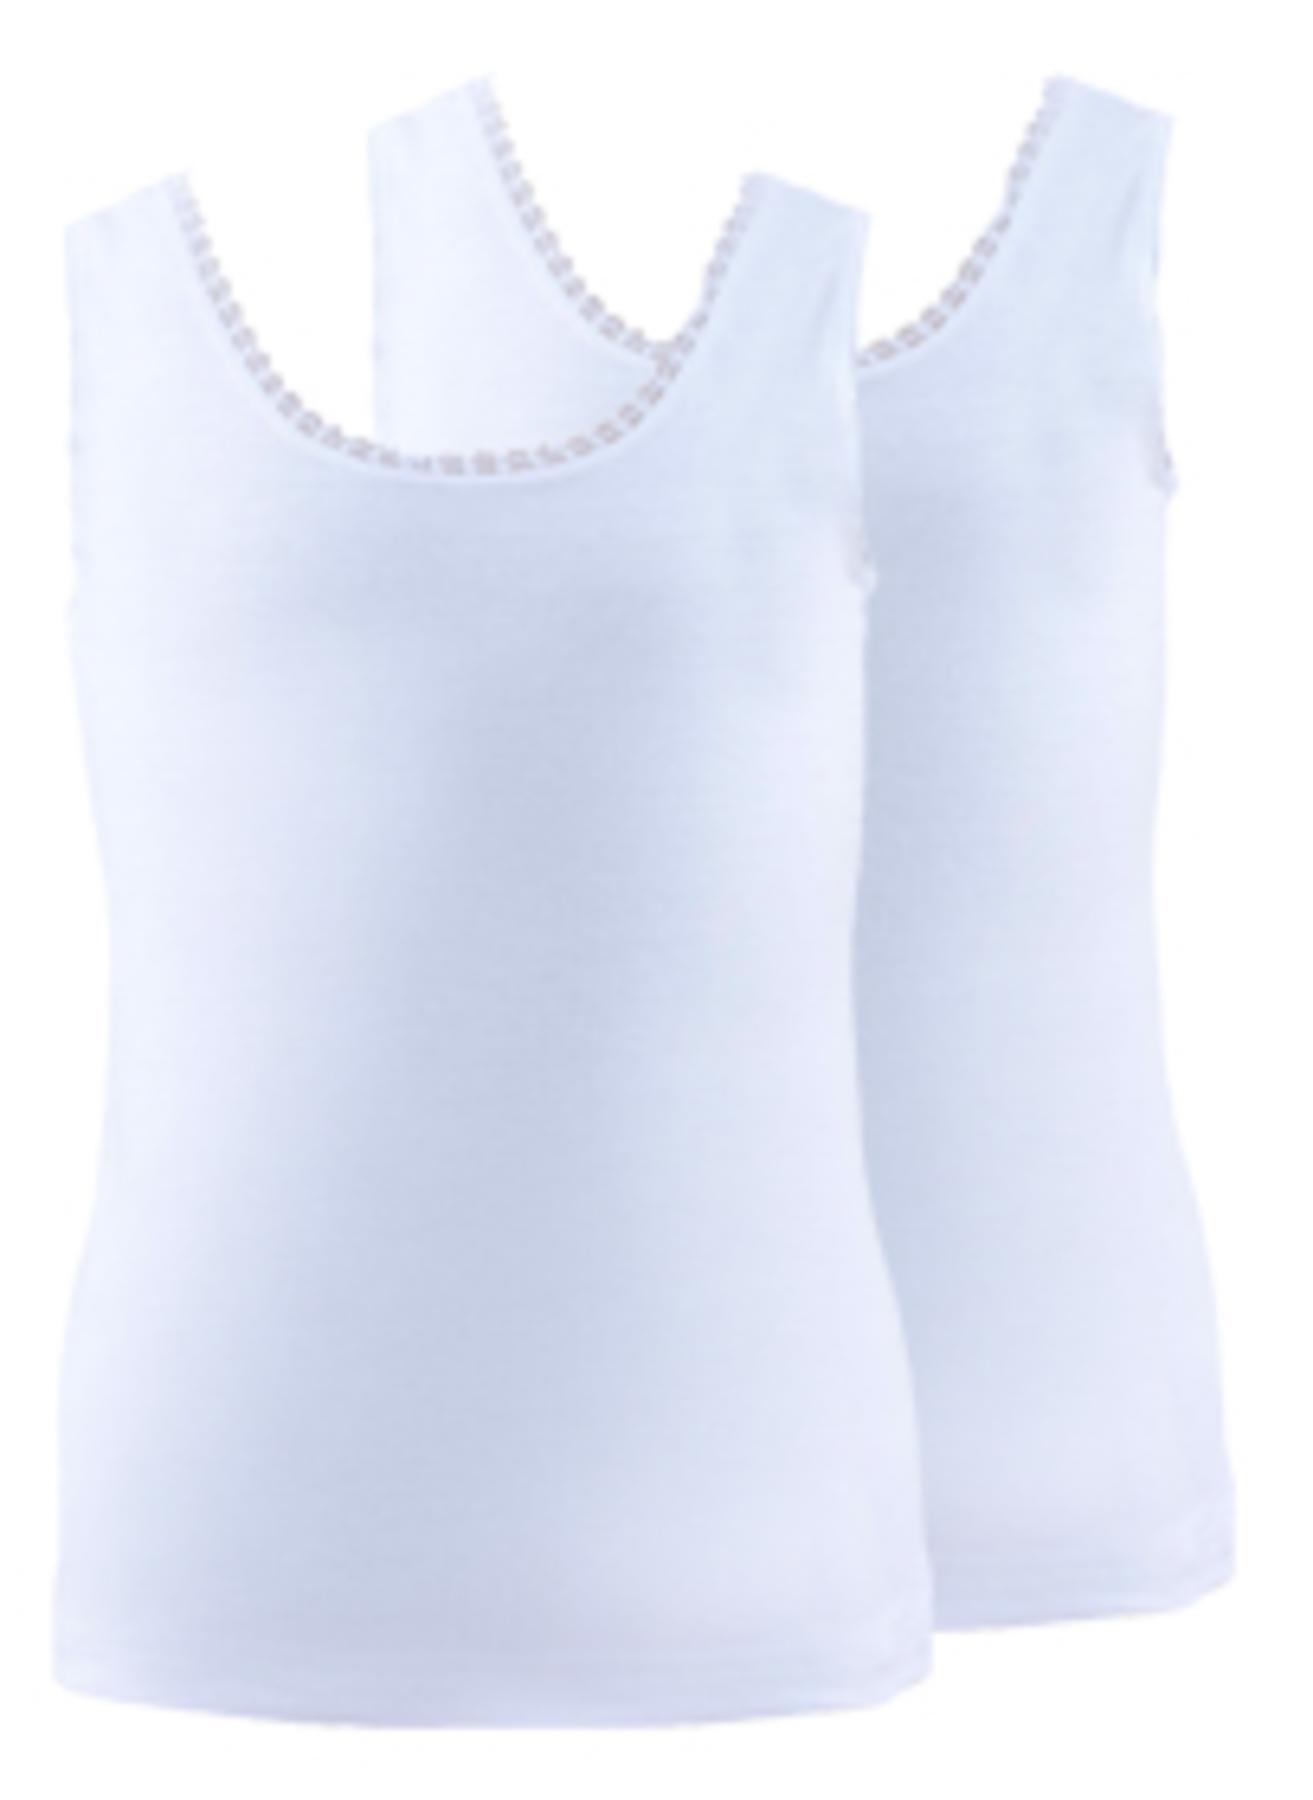 152 cm Kadın Beyaz Blackspade 2'li Kız Çocuk İç Giyim Atlet 5000071979001 Ev & &Fanila